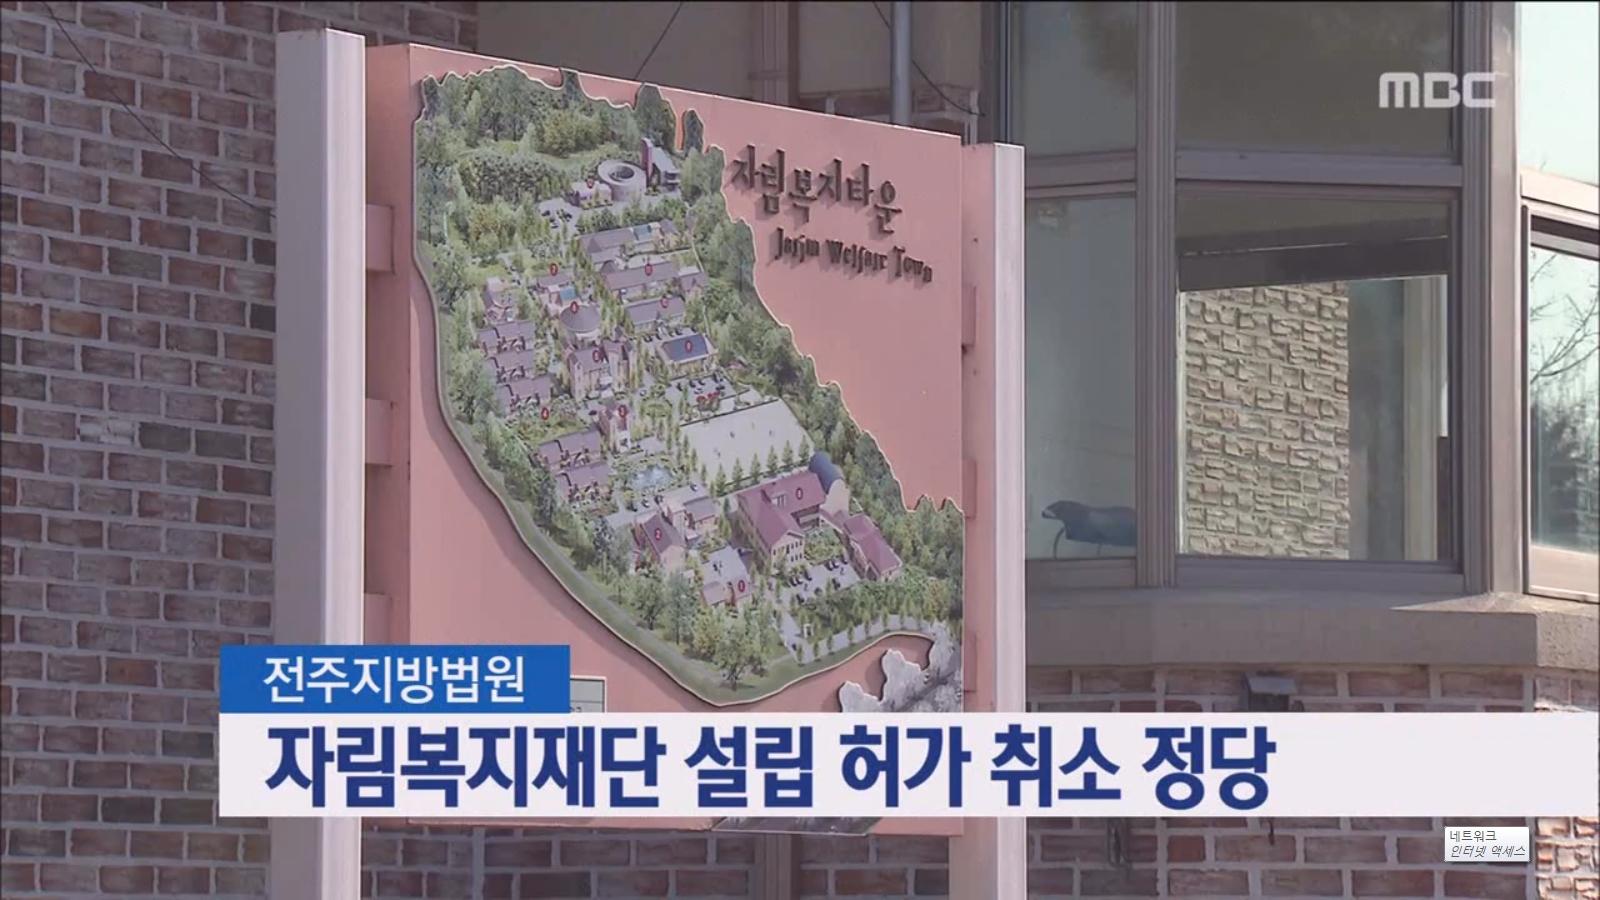 [17.6.29 전주MBC] 전주지법, 자림복지재단 설립 허가 취소 정당 판결2.jpg